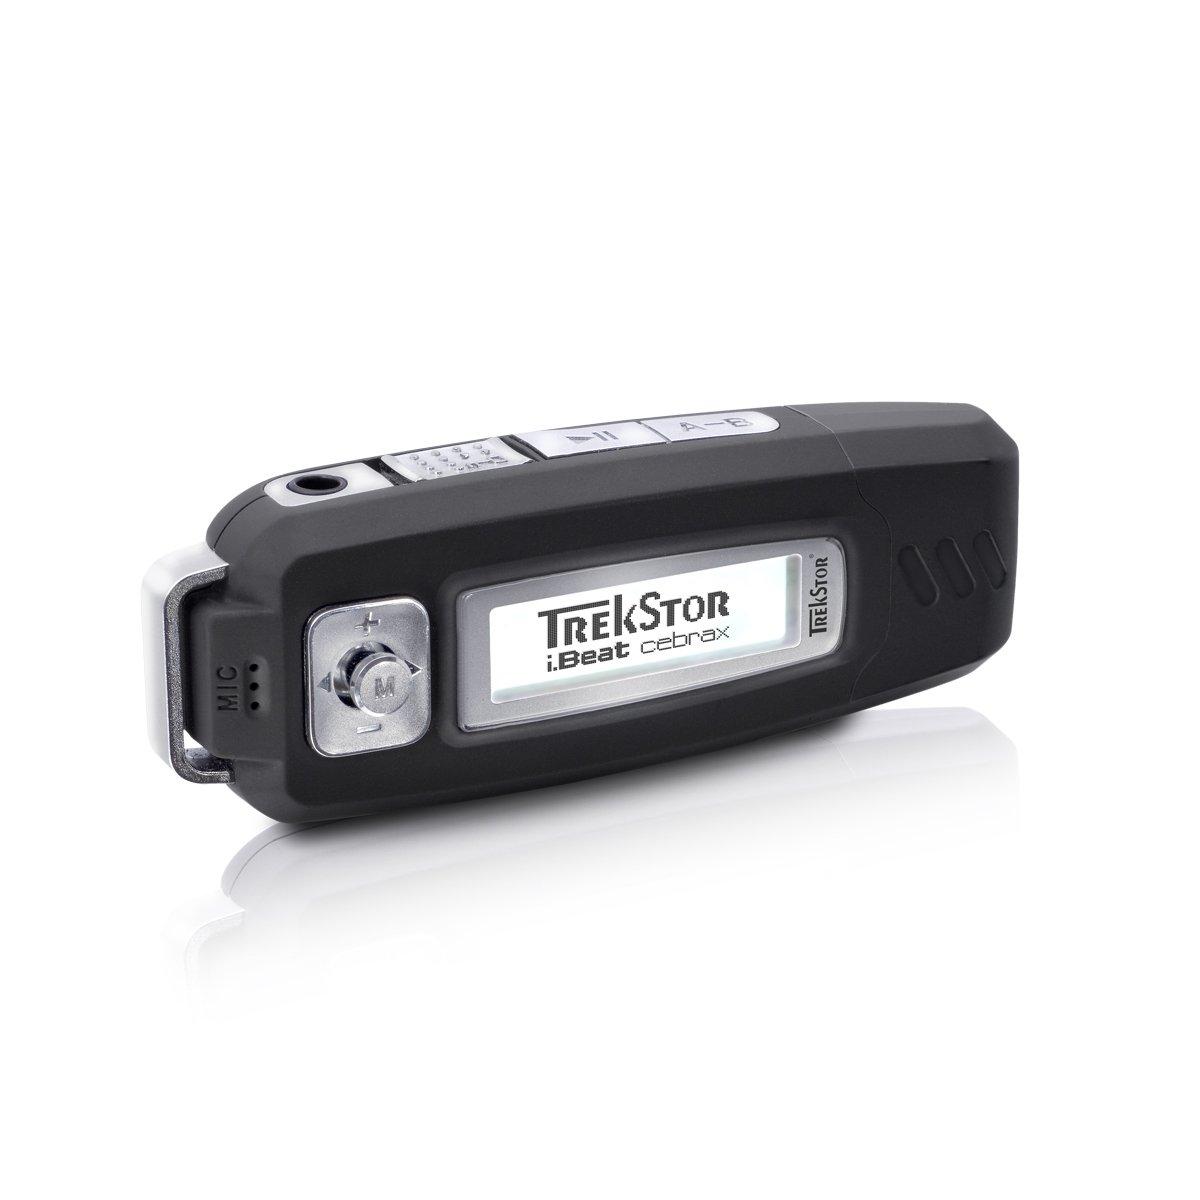 Trekstor i.Beat Cebrax 2.0 - Reproductor MP3, 4 GB: Amazon.es: Electrónica